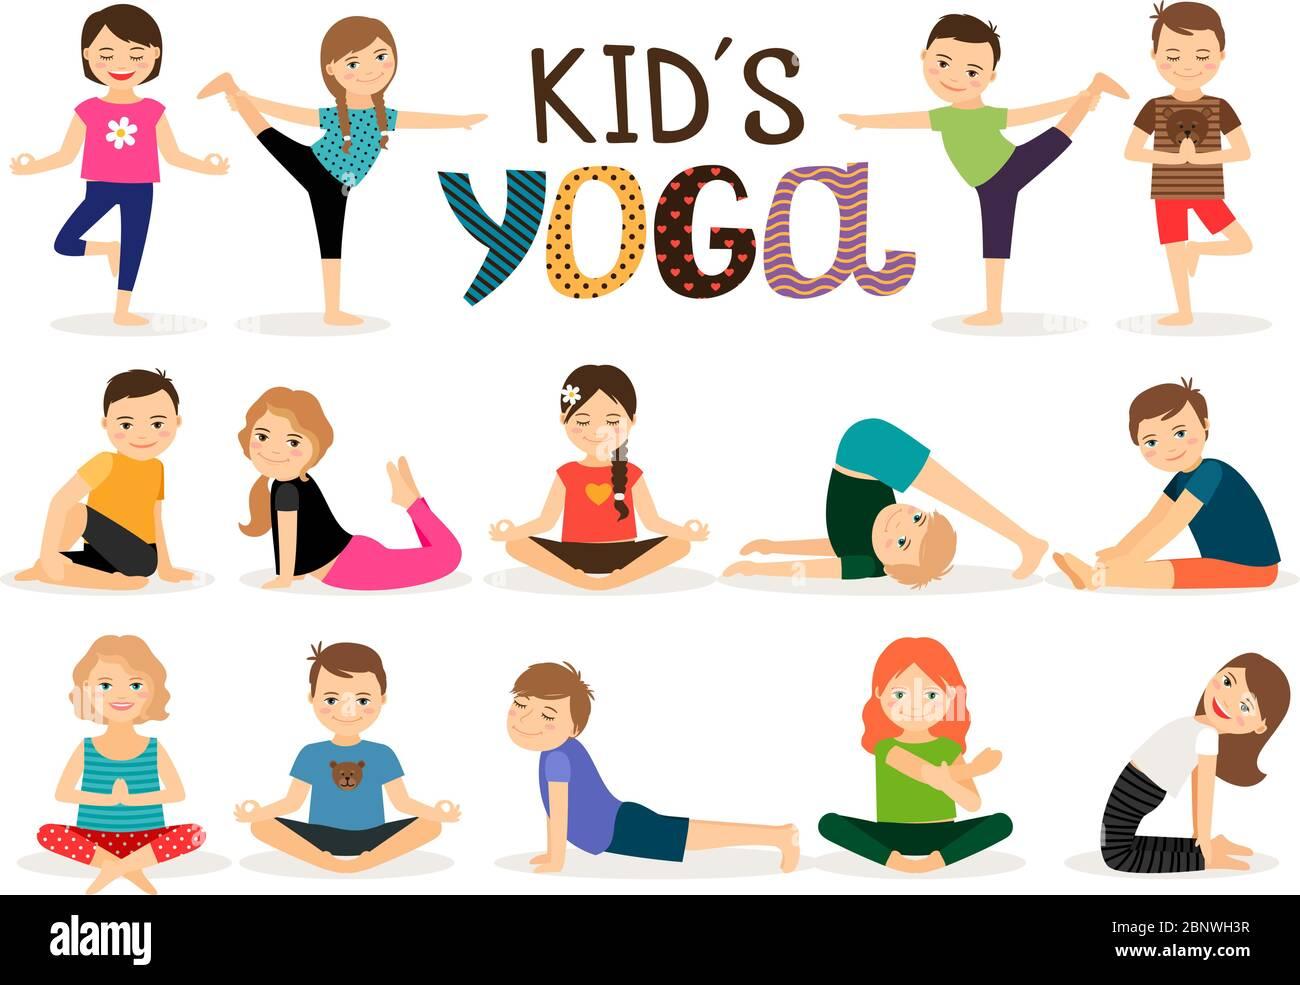 Posturas De Yoga Para Ninos Fotos E Imagenes De Stock Alamy